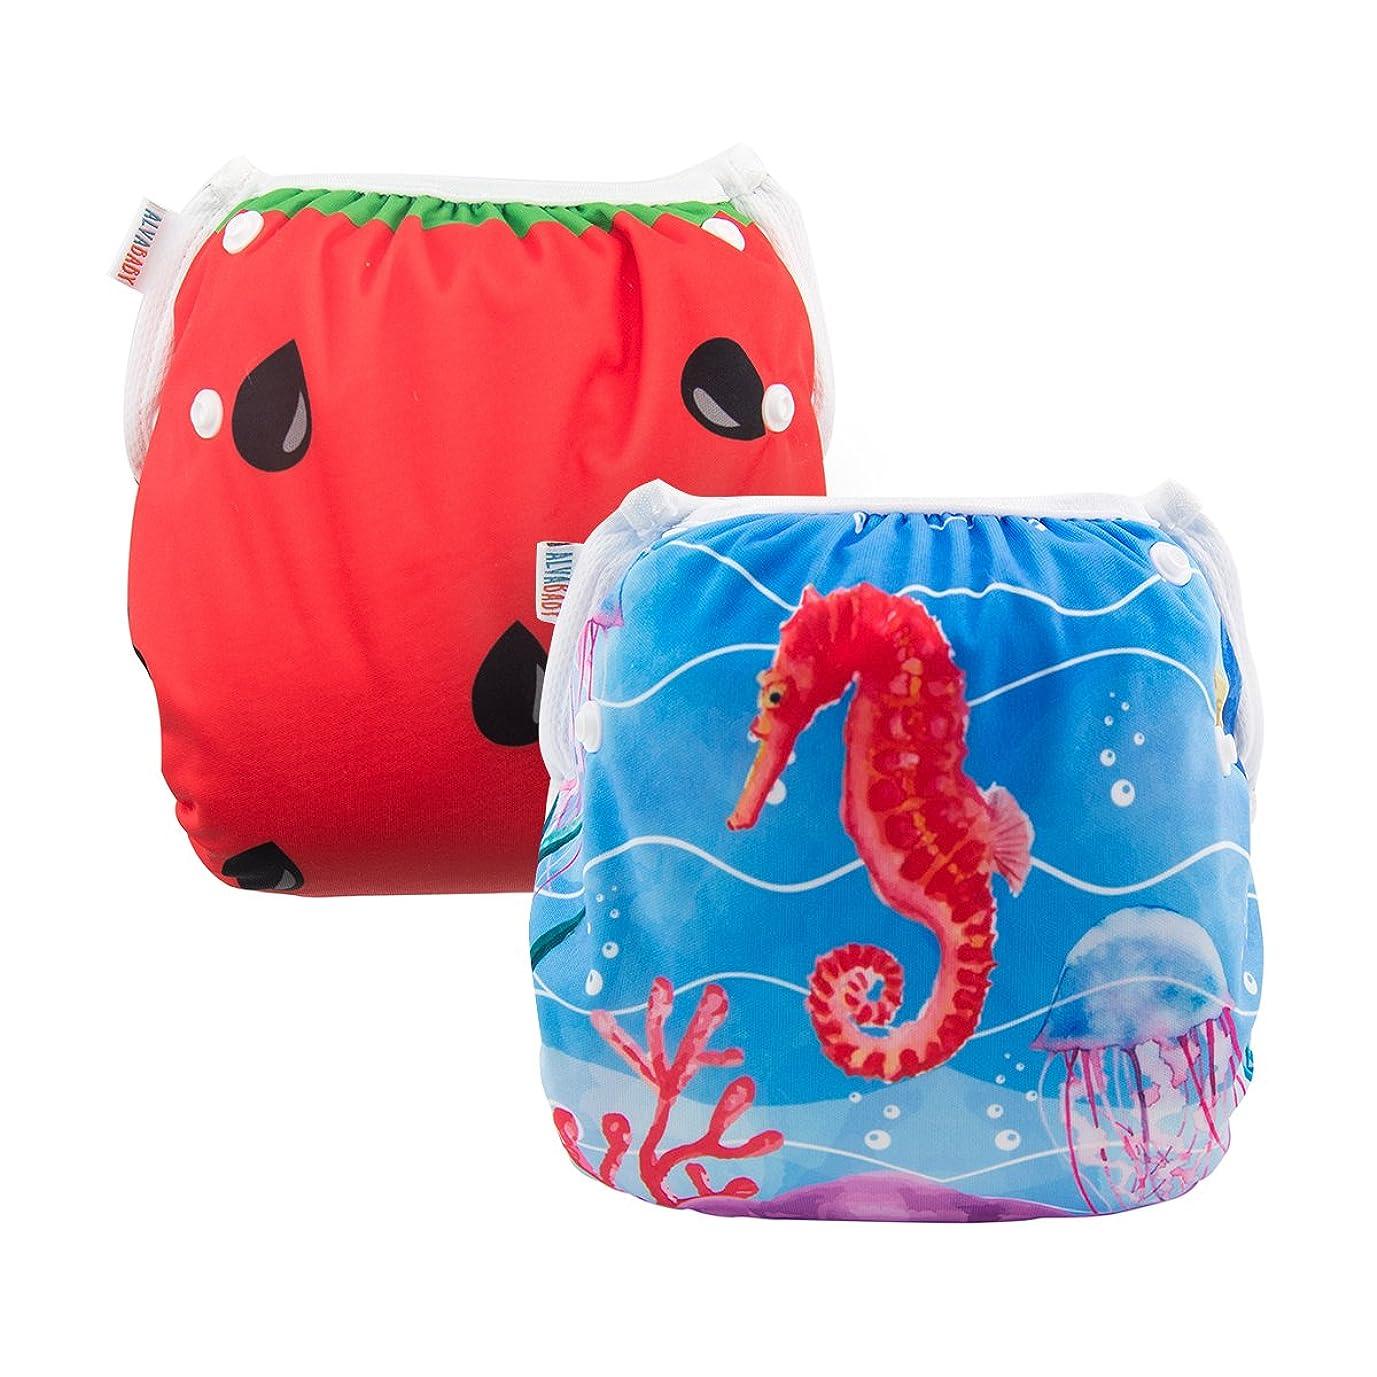 記念品ほのか不条理ALVABABY 水泳用おむつ 2枚パック フリーサイズ 再利用可能 洗濯可能 0-36月齢 (女児)